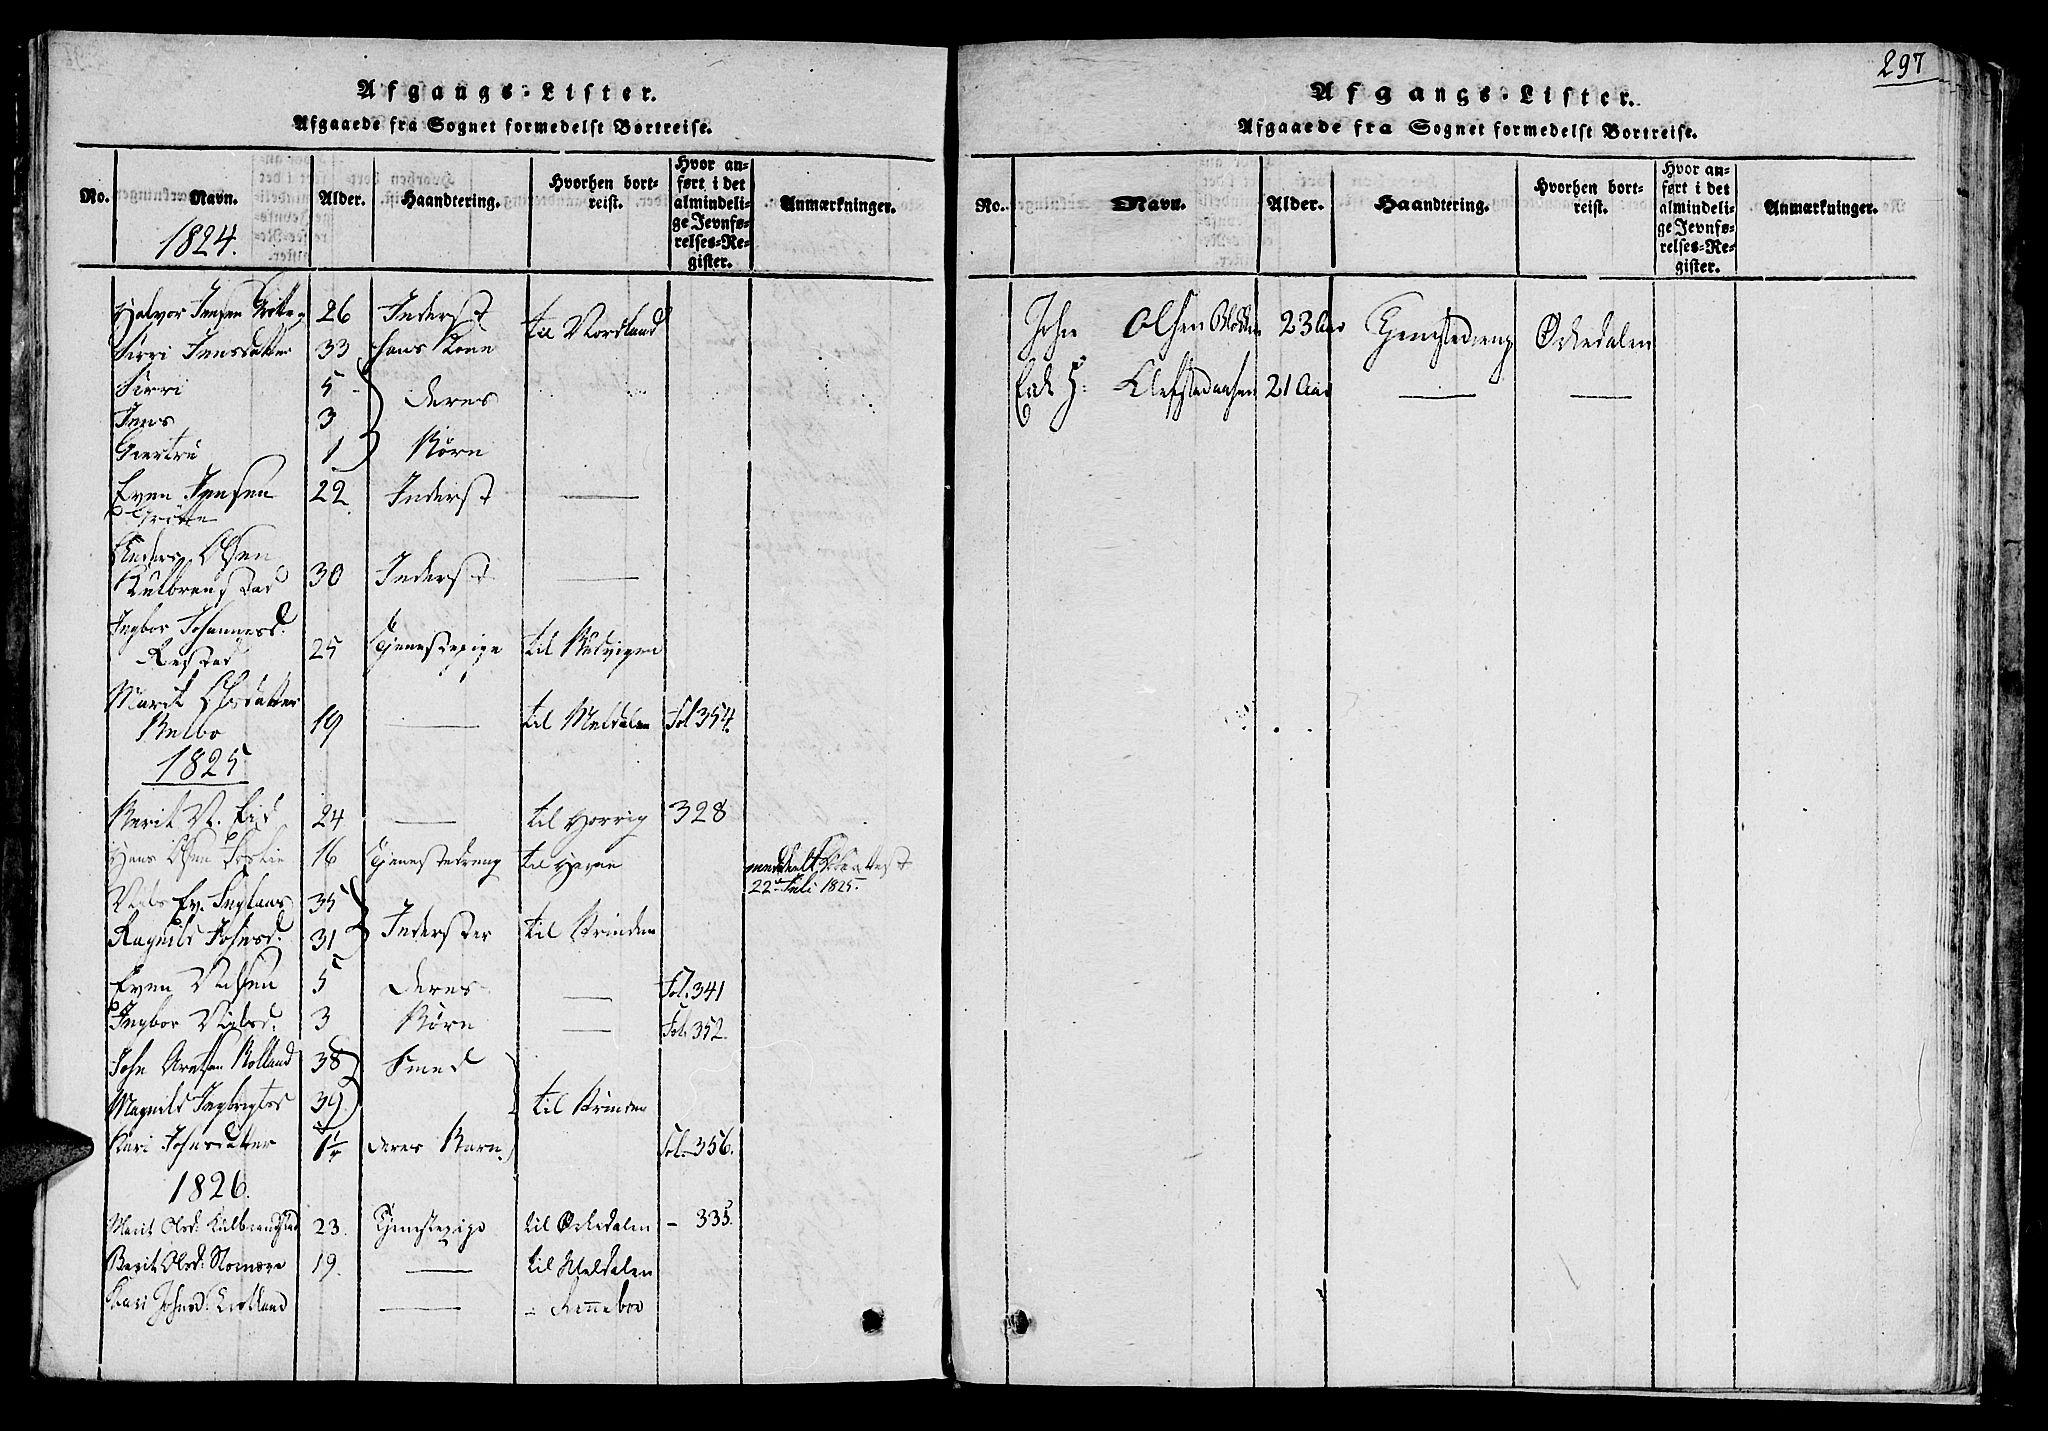 SAT, Ministerialprotokoller, klokkerbøker og fødselsregistre - Sør-Trøndelag, 691/L1068: Ministerialbok nr. 691A03 /4, 1816-1826, s. 297